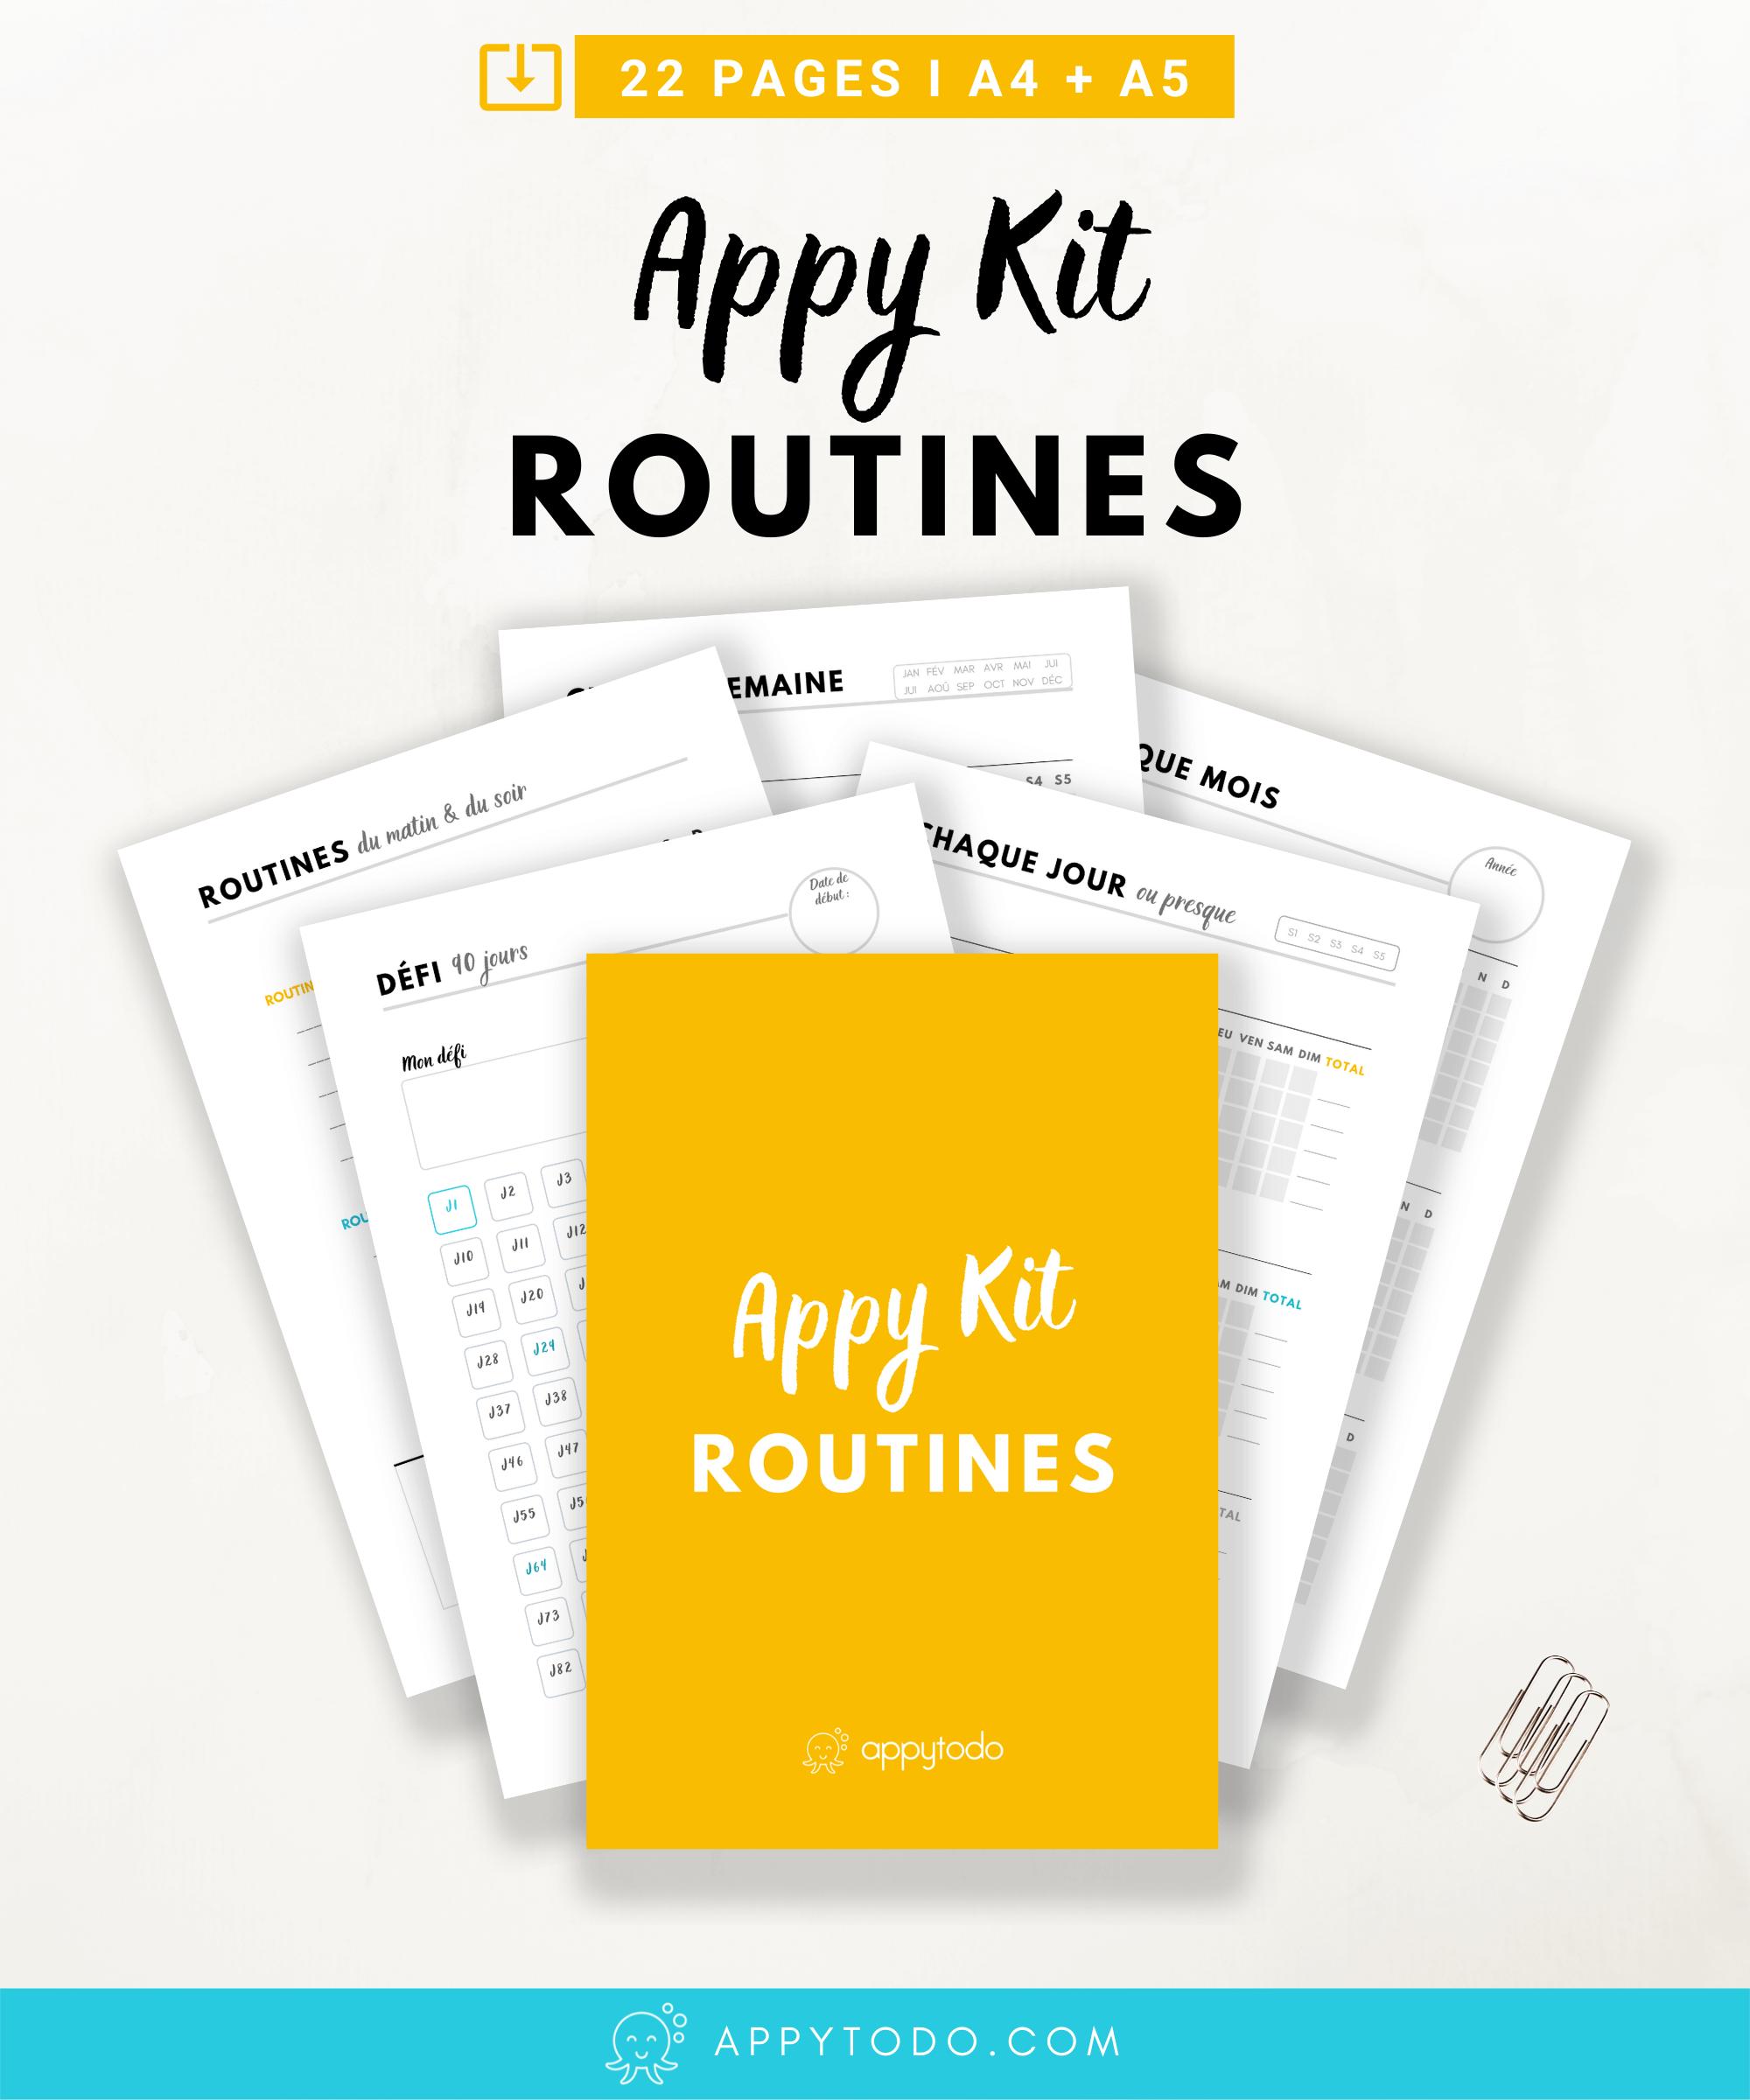 Développez de nouvelles habitudes et suivez vos routines avec l'Appy Kit Routines. 22 fiches et trackers en français - format A4 et A5, à télécharger et imprimer. Inclus : suivi d'habitudes annuel, trimestriel, mensuel, hebdomadaire, journalier, suivi des routines du matin et du soir, citations pour se motiver, et bien plus. Ces printables en français sont à découvrir dans la boutique de appytodo. #printable #tracker #routines via @catherineappytodo